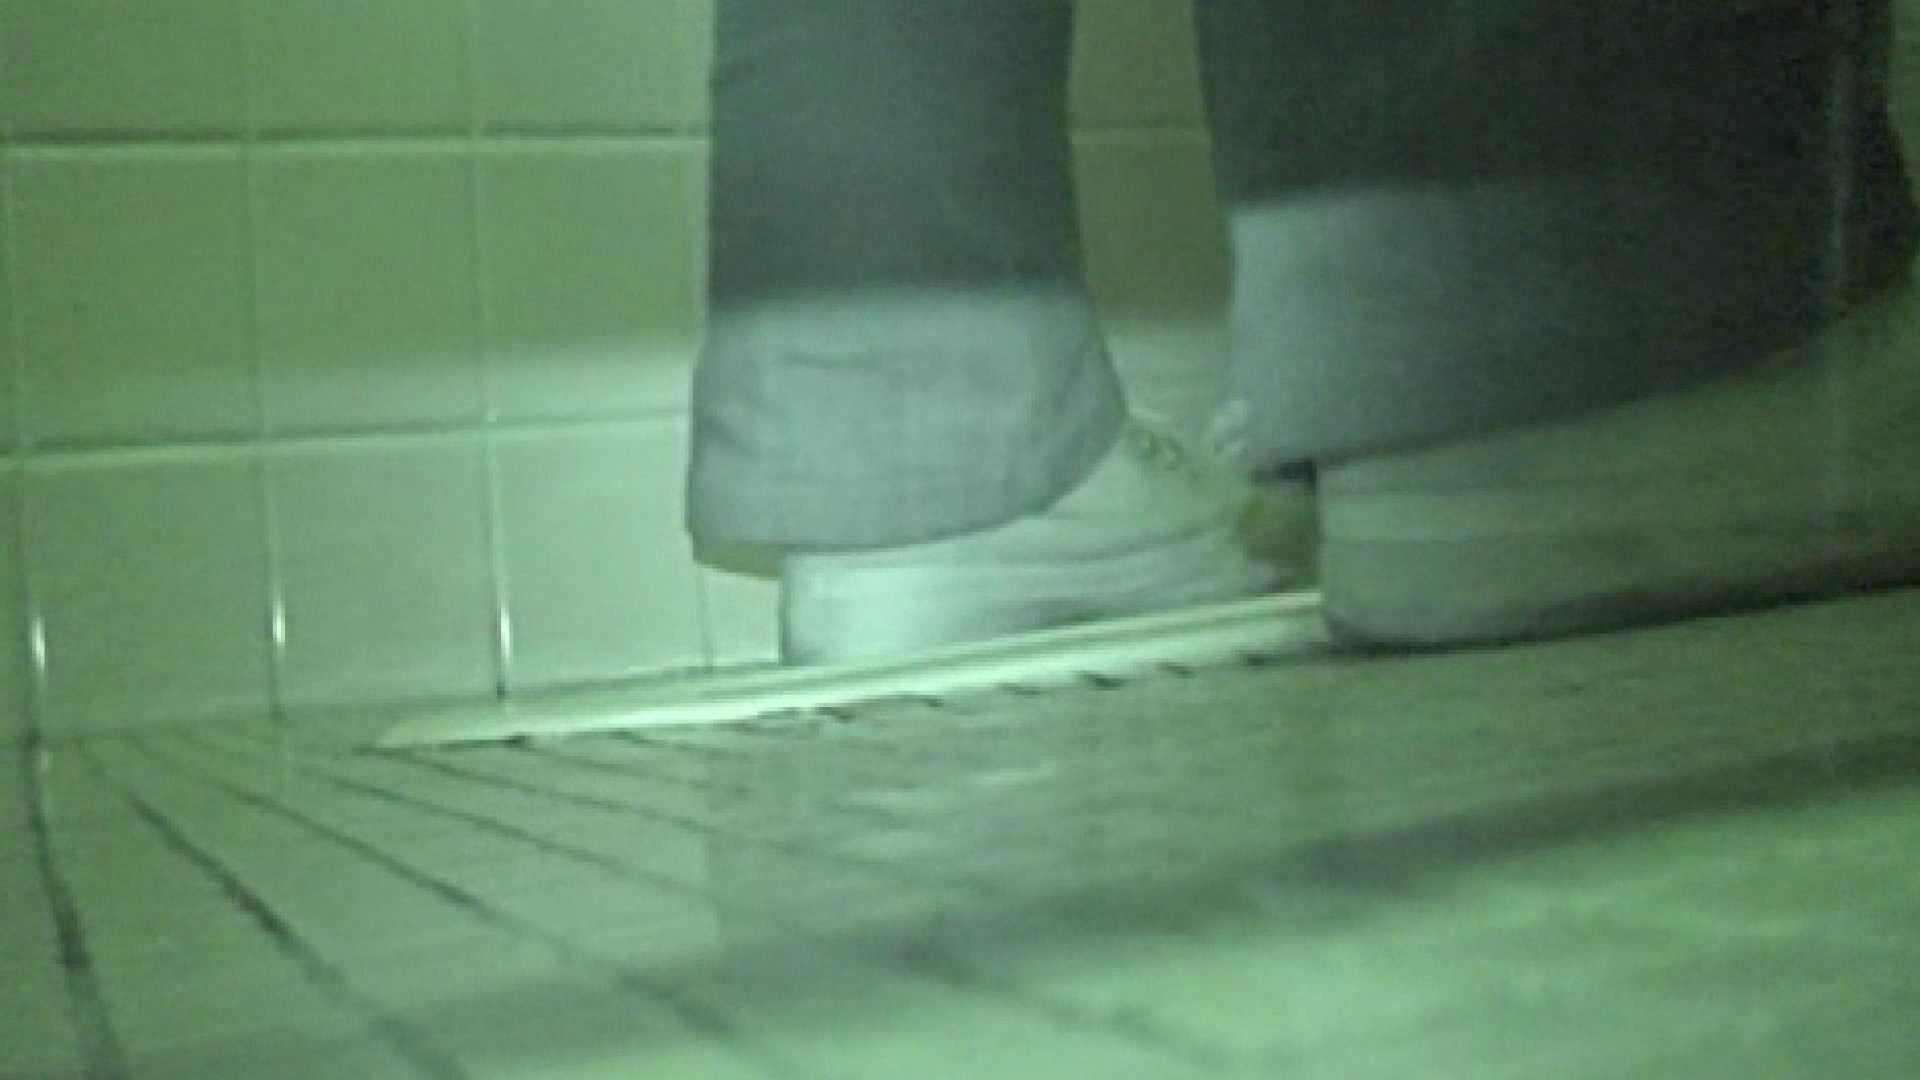 ロックハンドさんの盗撮記録File.66 マンコエロすぎ 盗撮動画紹介 75PIX 11